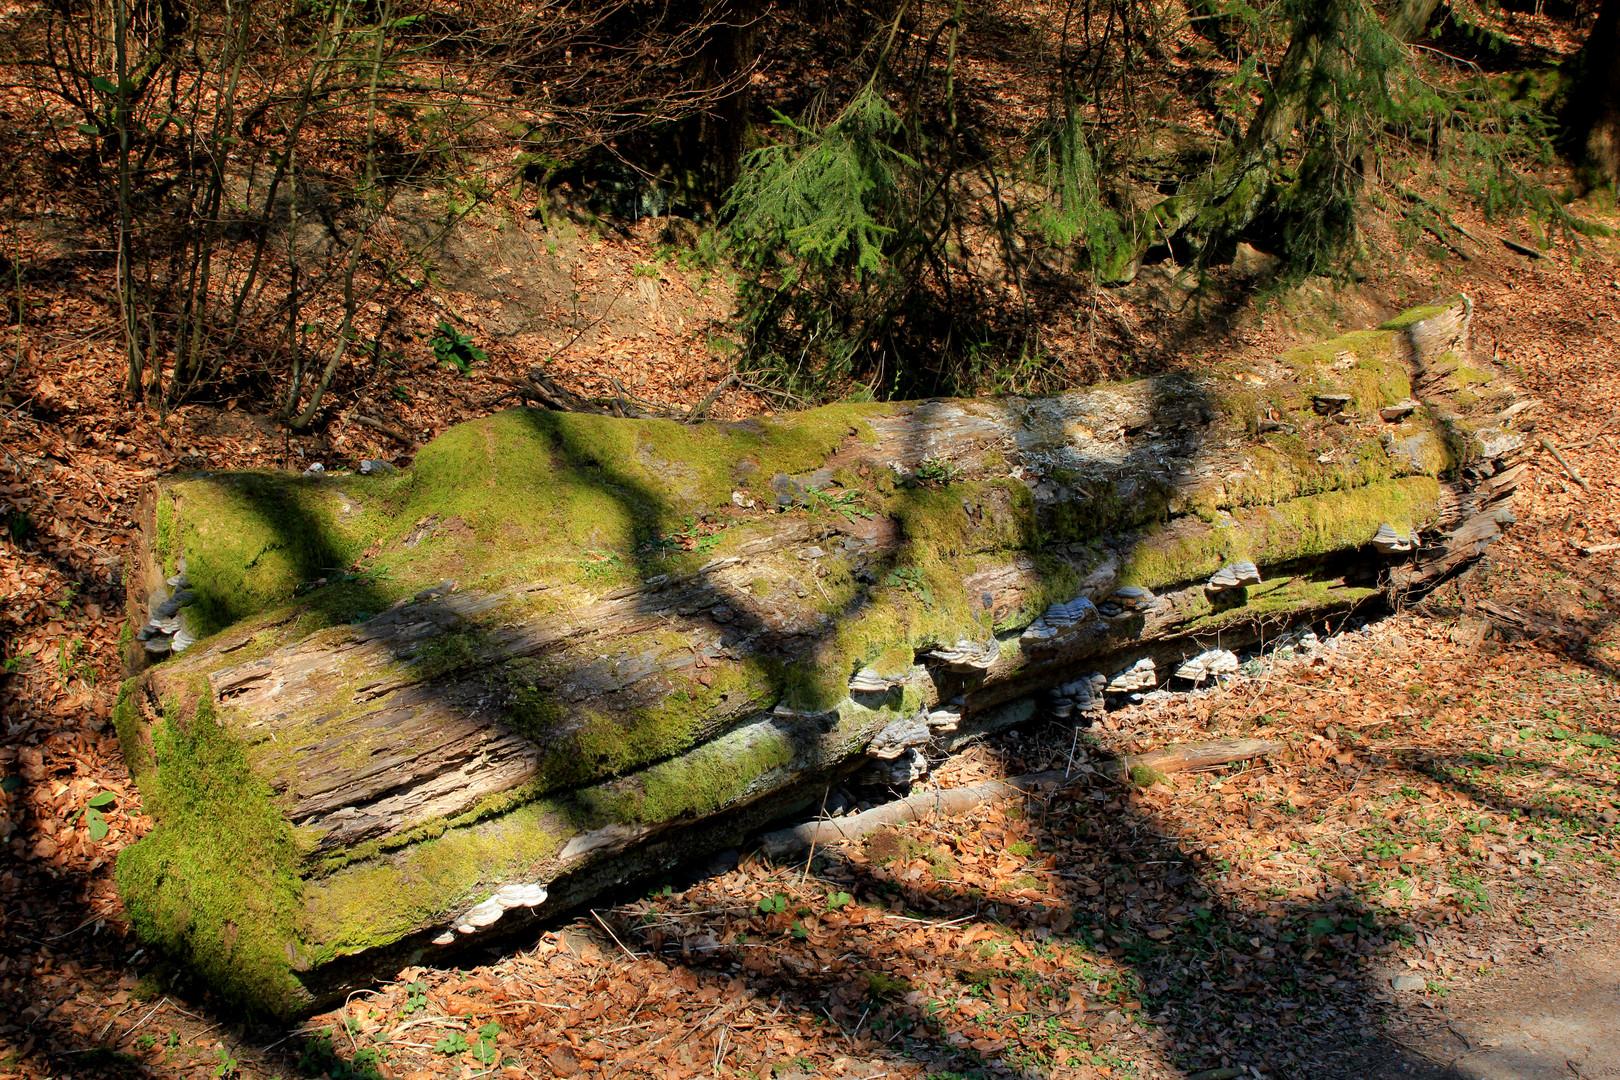 Totholz in der Nähe der Ginsburg (bei Hilchenbach-Grund) 2